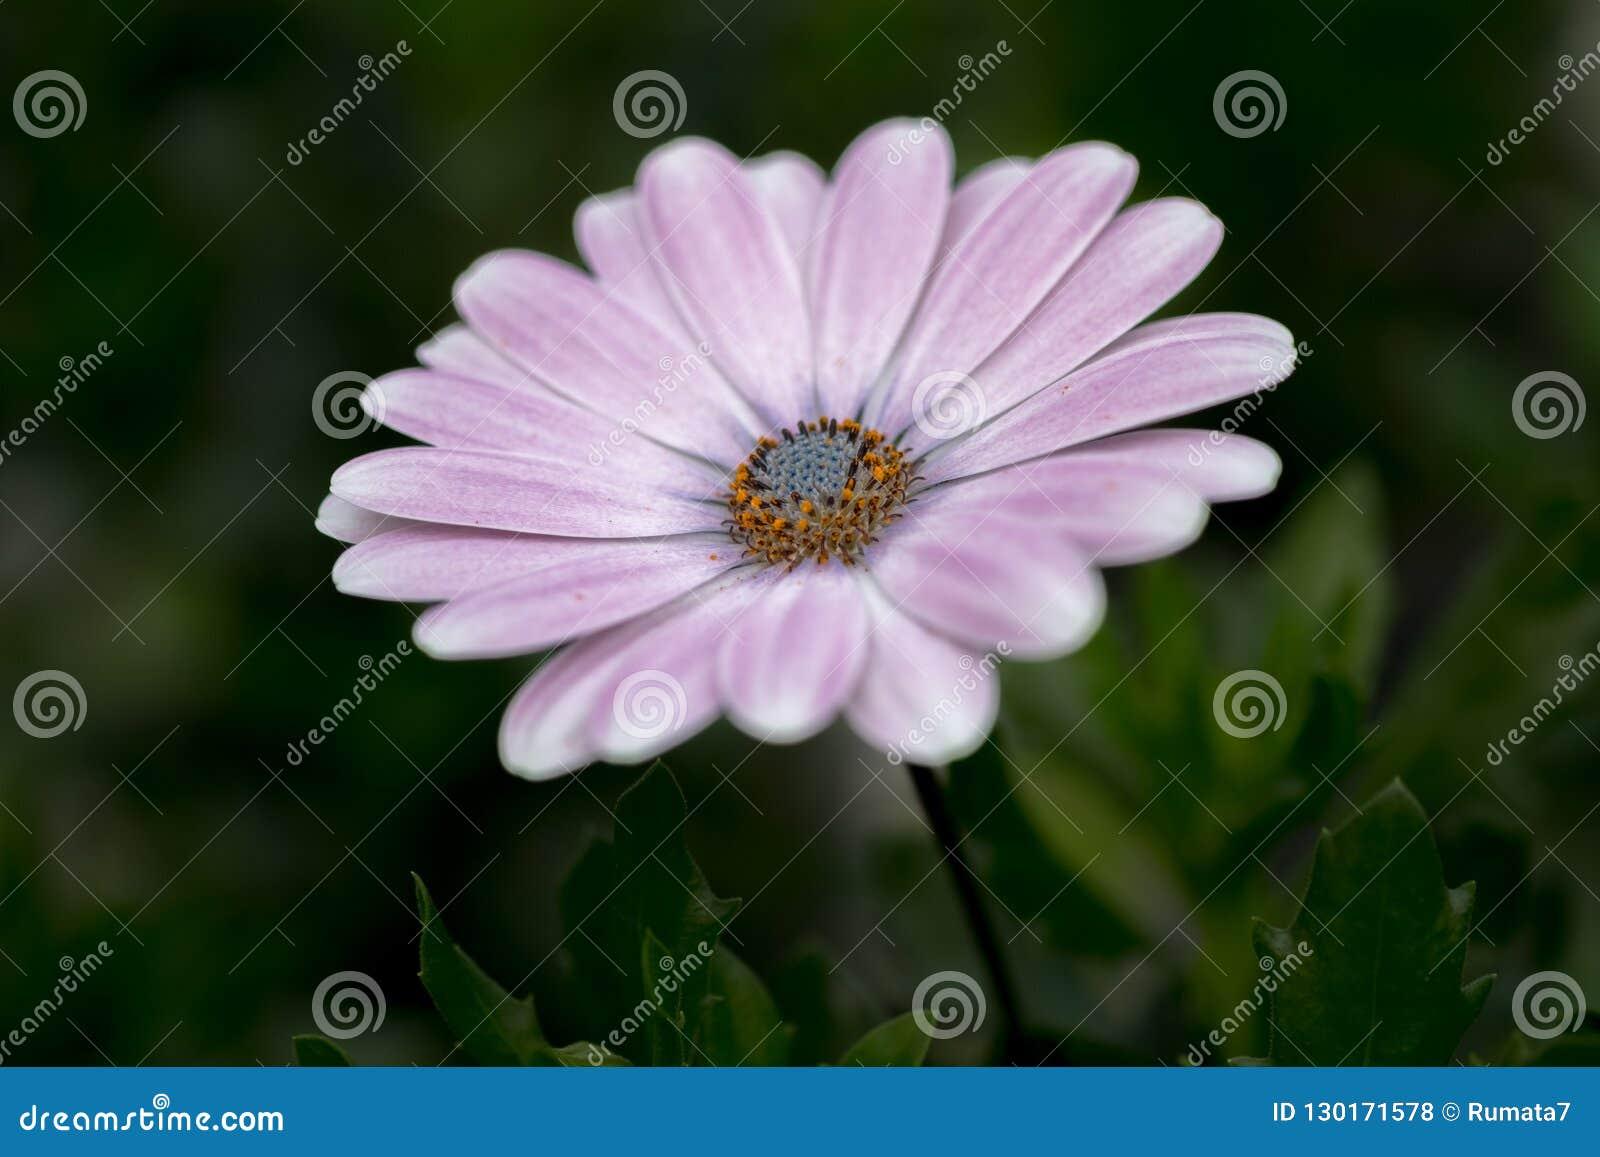 White purple african daisy Osteospermum flower